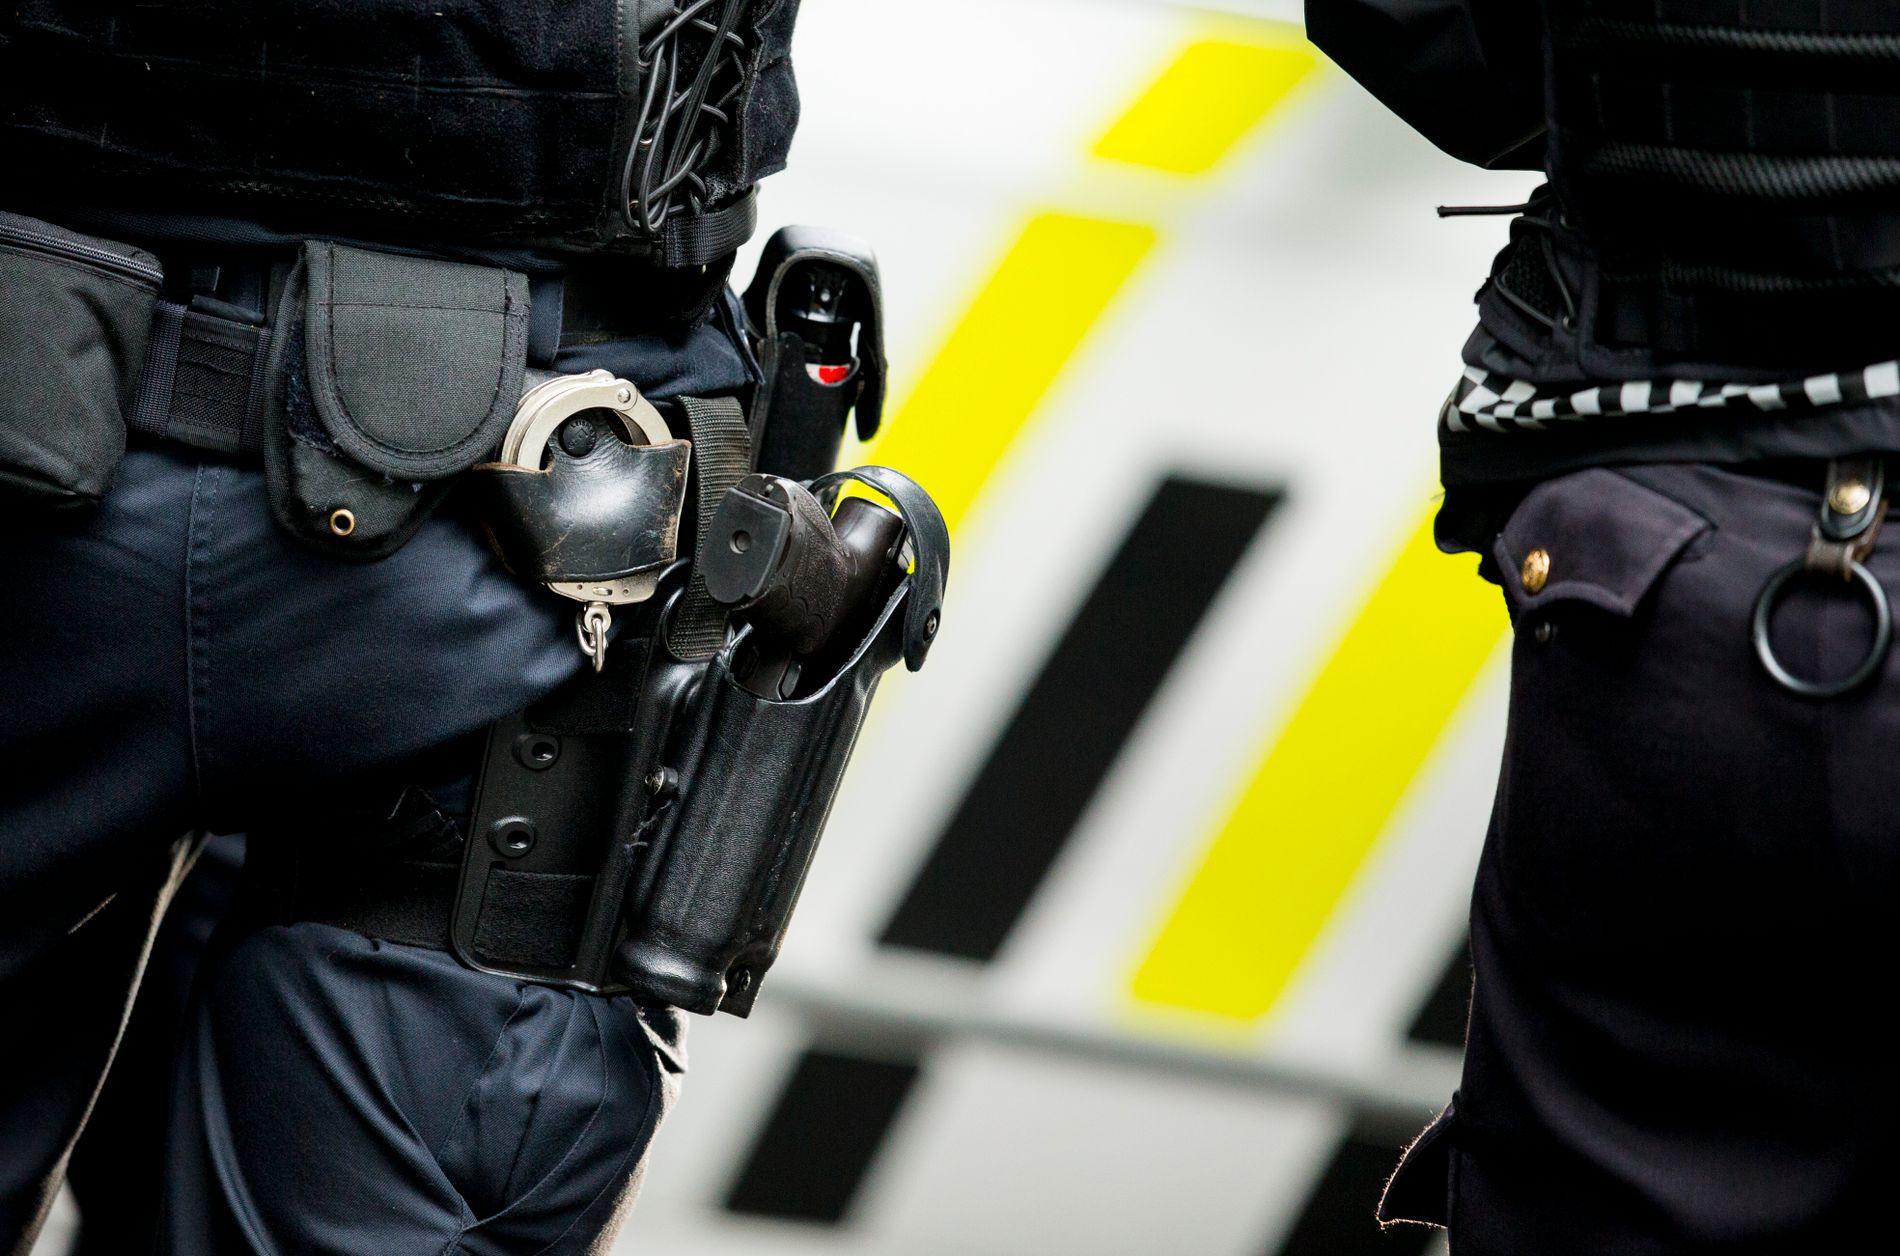 SKJEDDE IGJEN: En politimann avfyrte et vådeskudd på Holmlia i Oslo i begynnelsen av november. Arkivbilde.